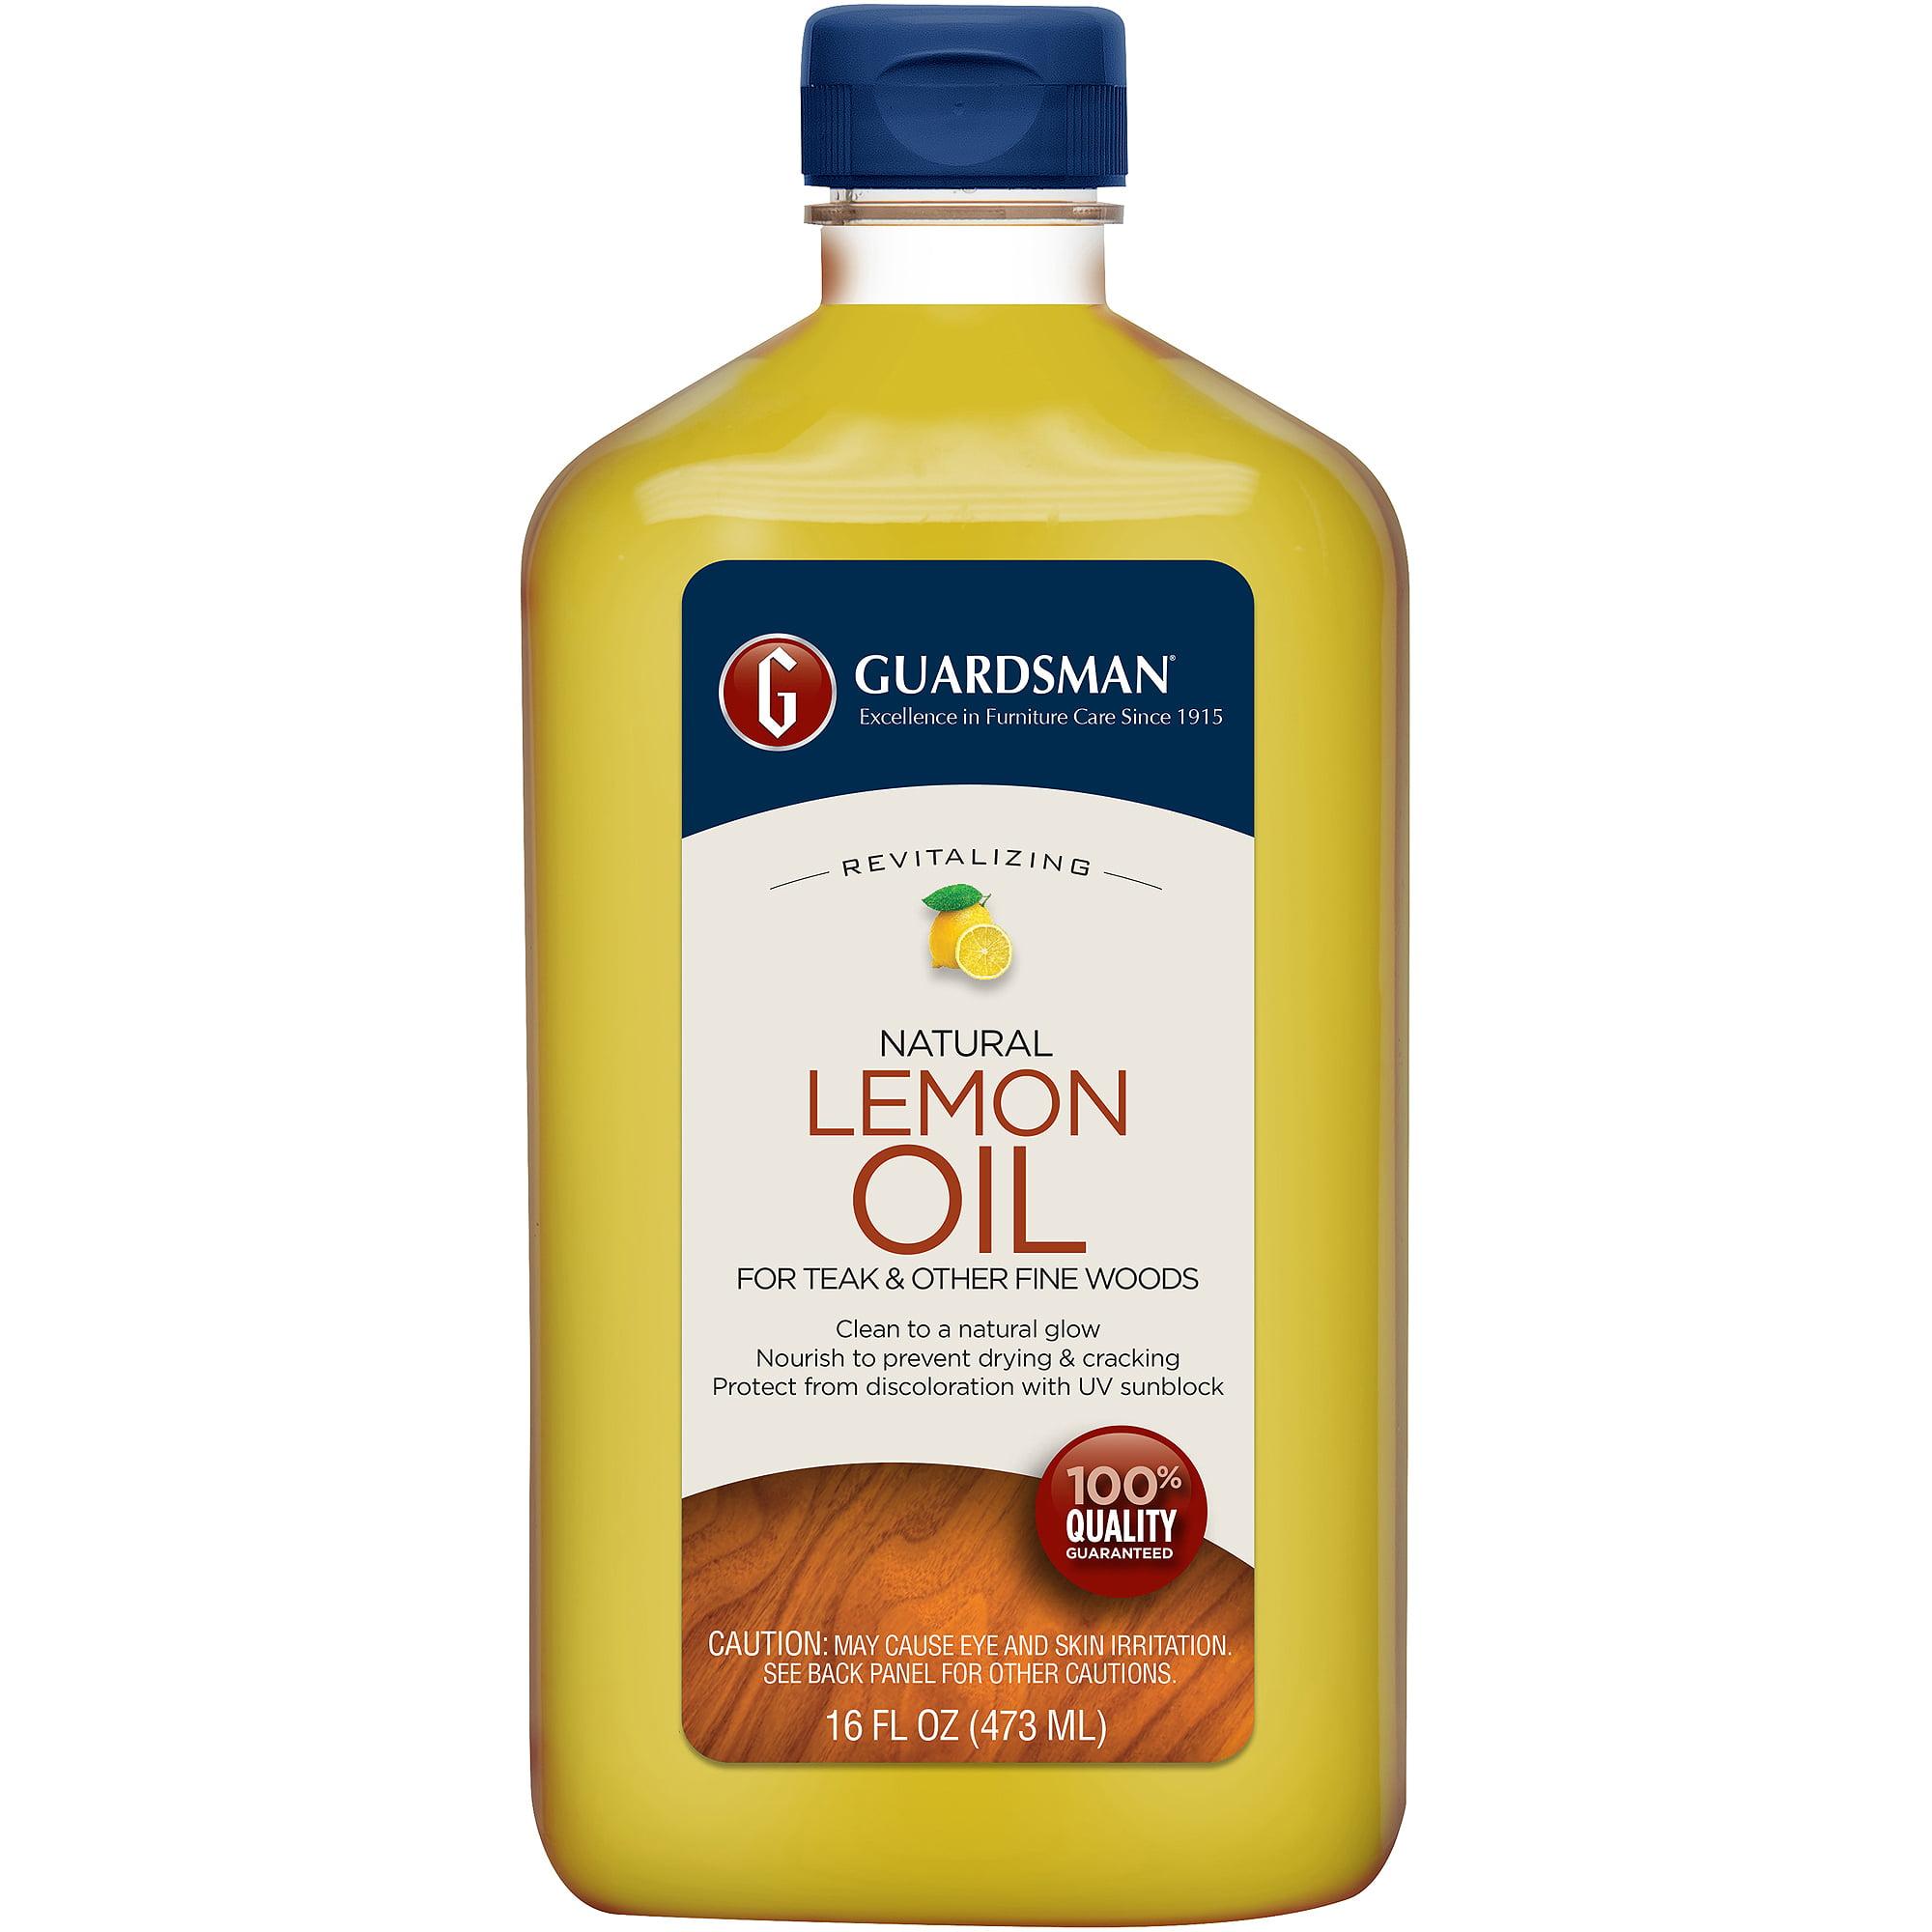 Guardsman Revitalizing Lemon Oil, 16 fl oz